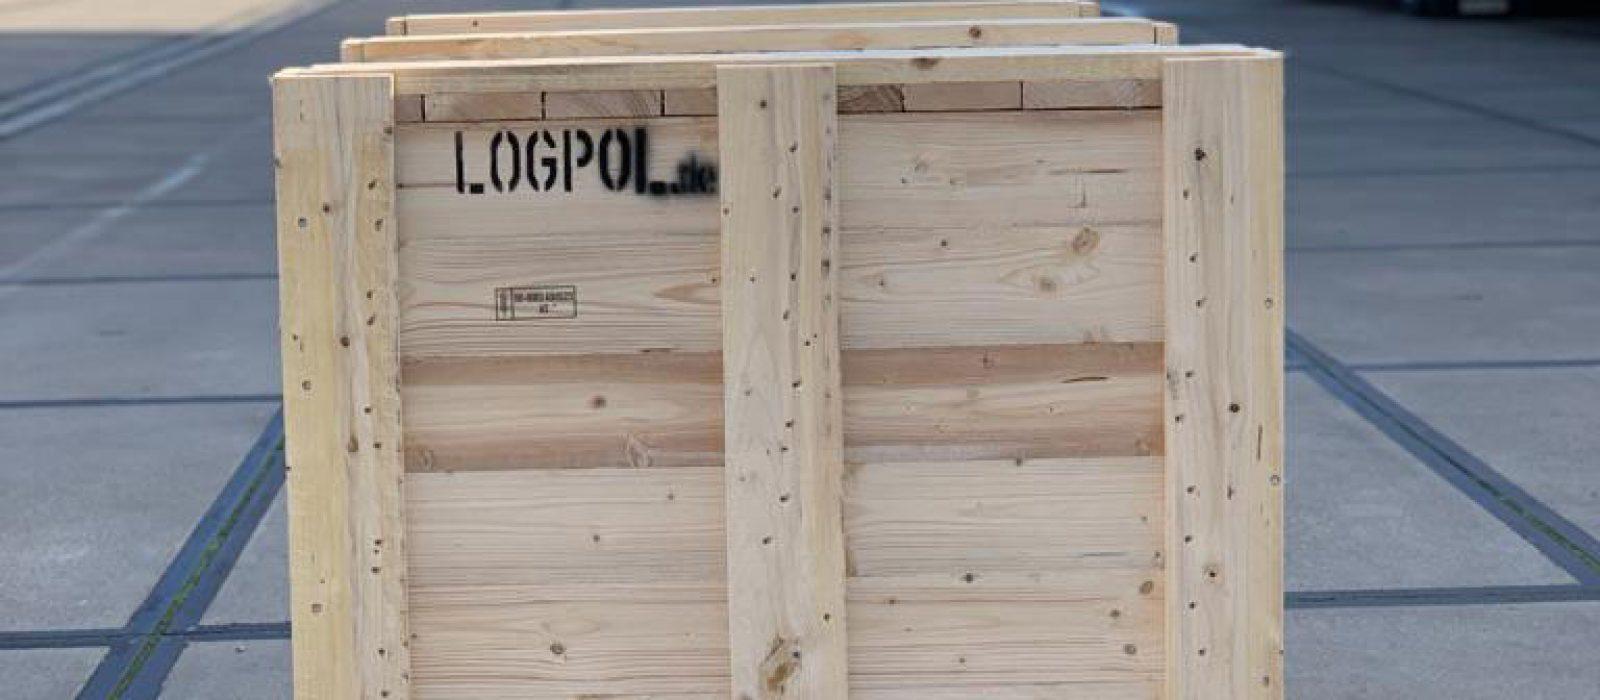 Kiste-1200x800x700-NRW-LOGPOL